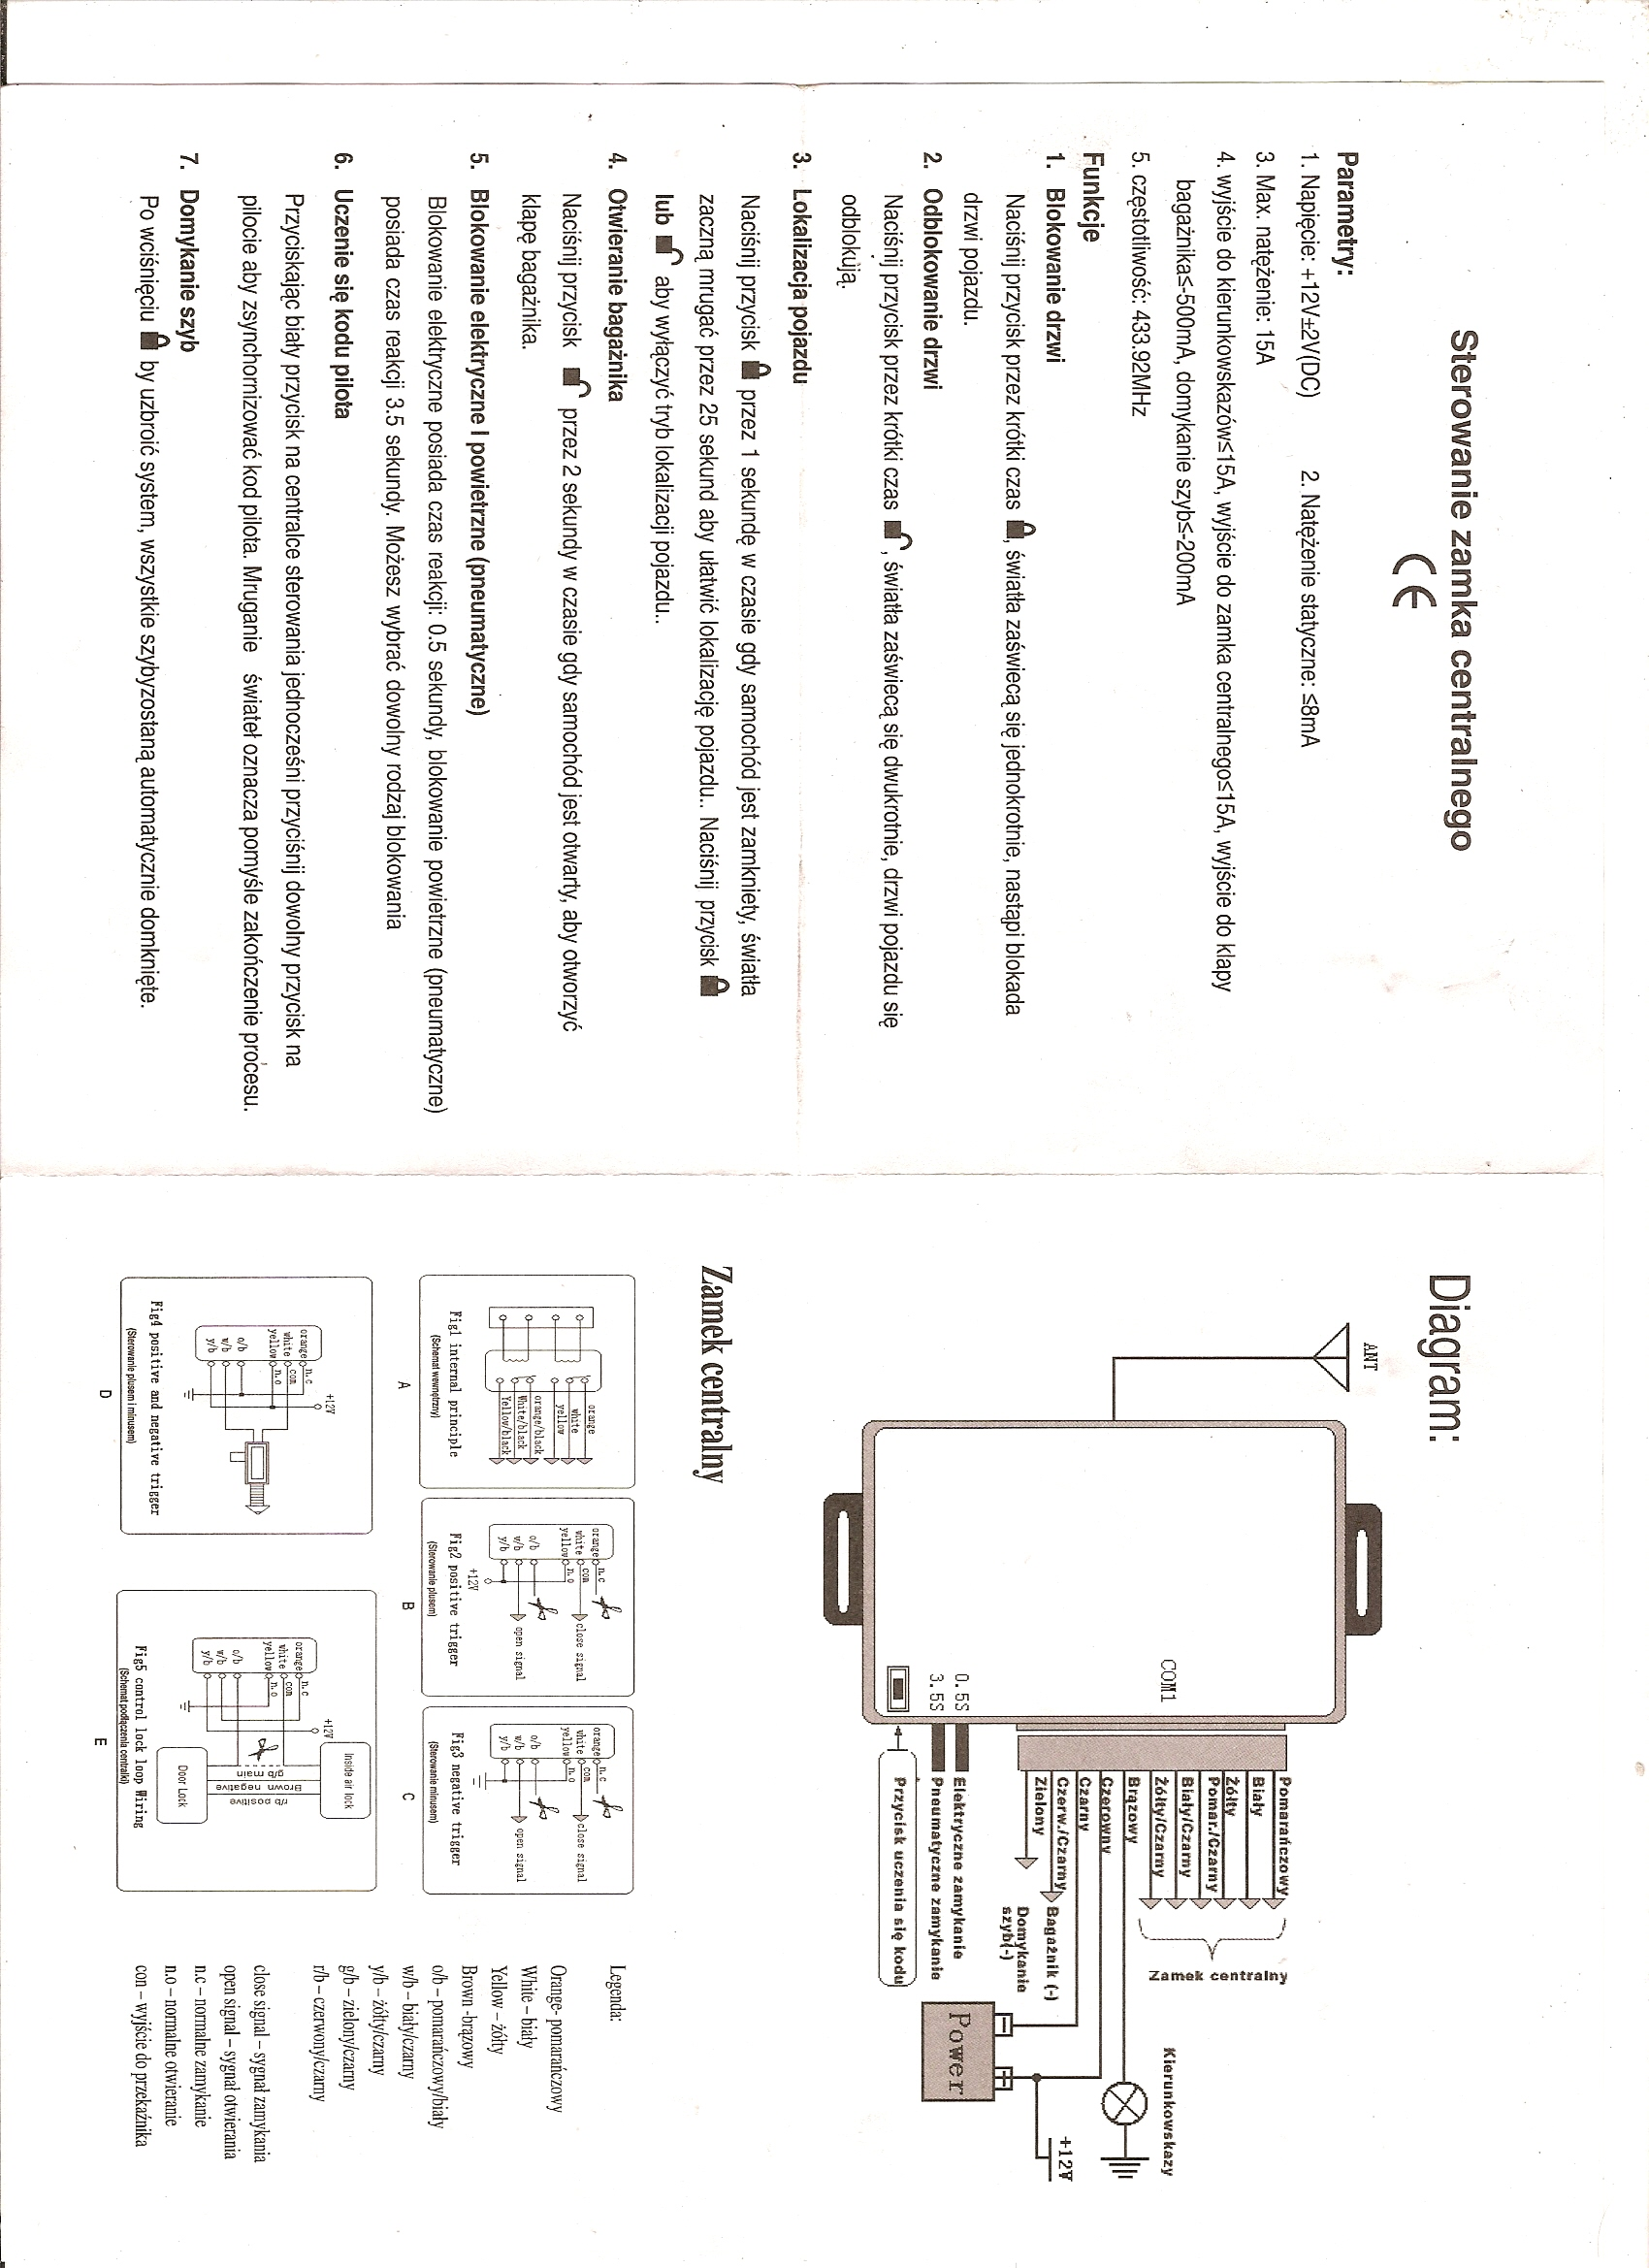 Nap�d bramy Meritum 500 (Wi�niowski) - poszukiwana instrukcja